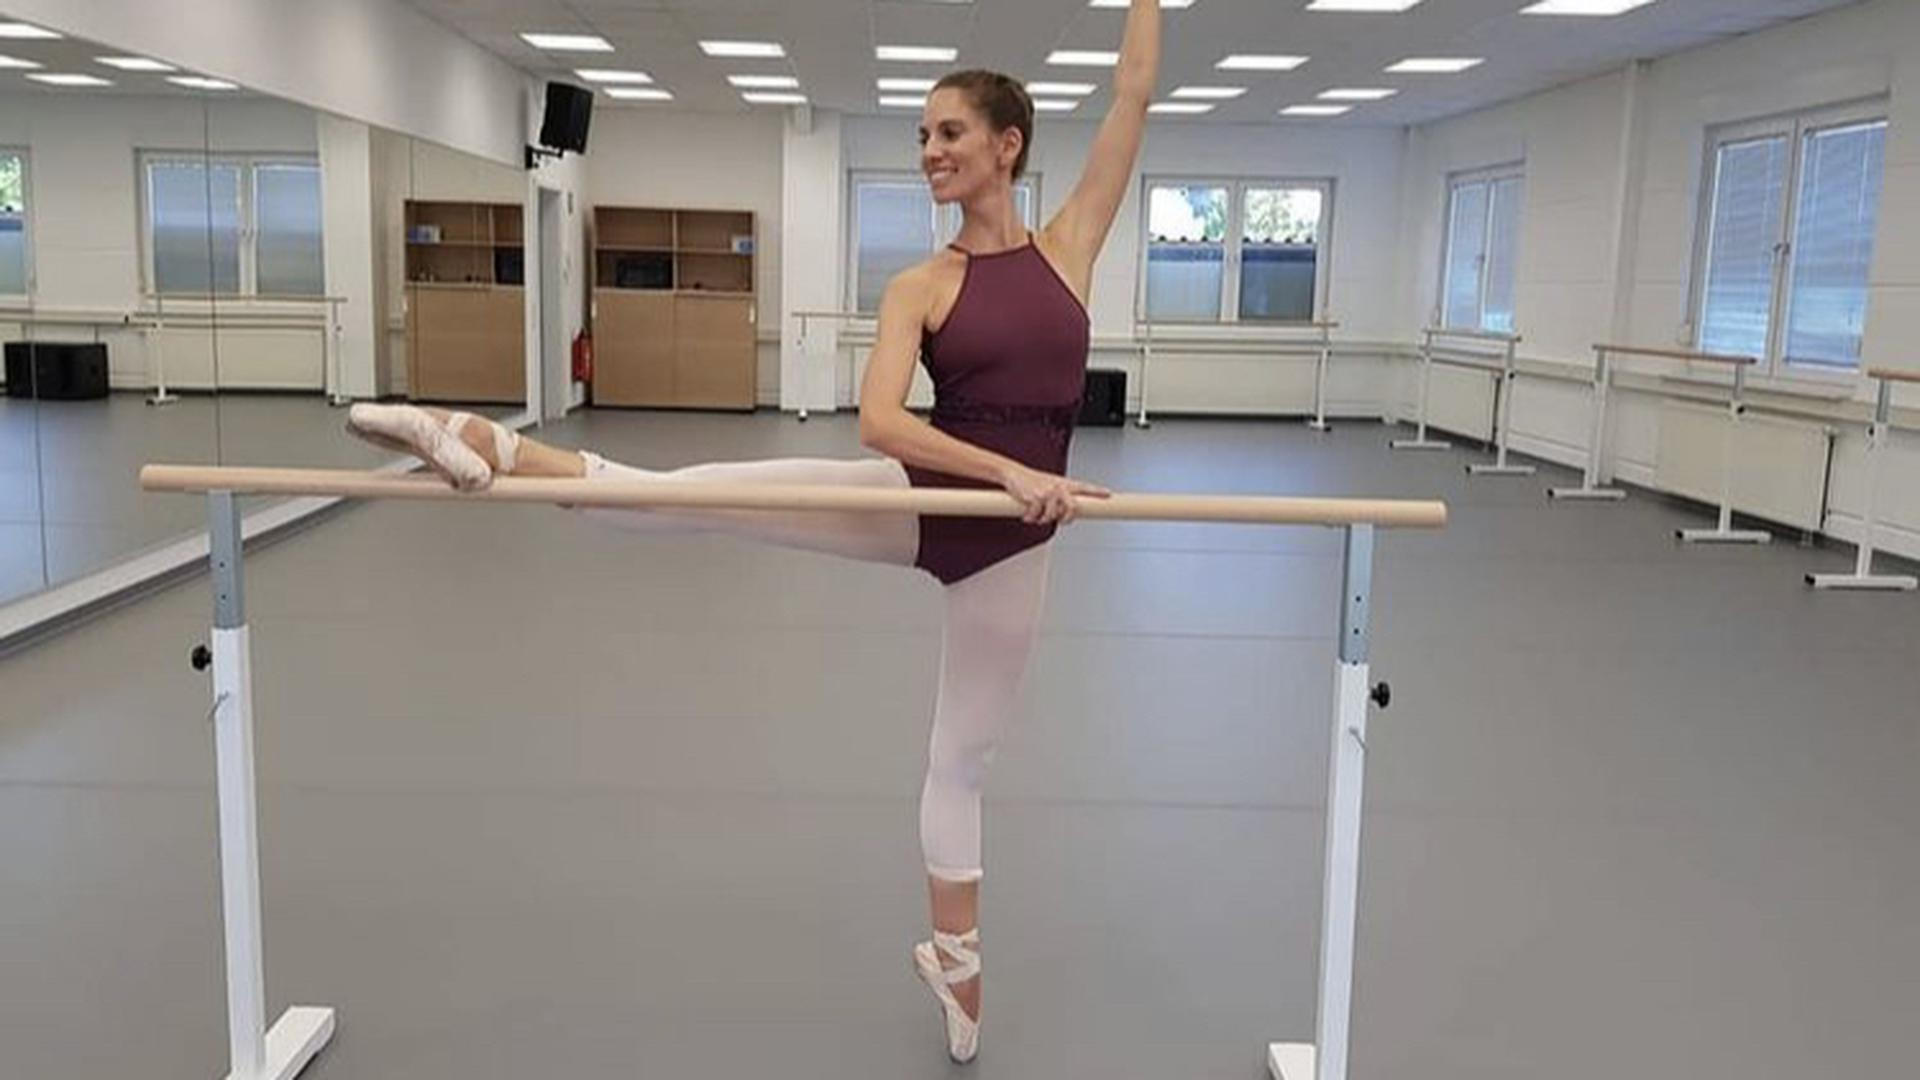 Die Schule kommt wieder in Bewegung: Nadine Elskamp darf mit ihrer Bildungseinrichtung in Oberderdingen wieder Schüler auf ihre Ballettprüfungen vorbereiten. Gemeinsam mit dem Deutscher Berufsverband für Tanzpädagogik kämpfte sie für eine Neubewertung durch das Land Baden-Württemberg.